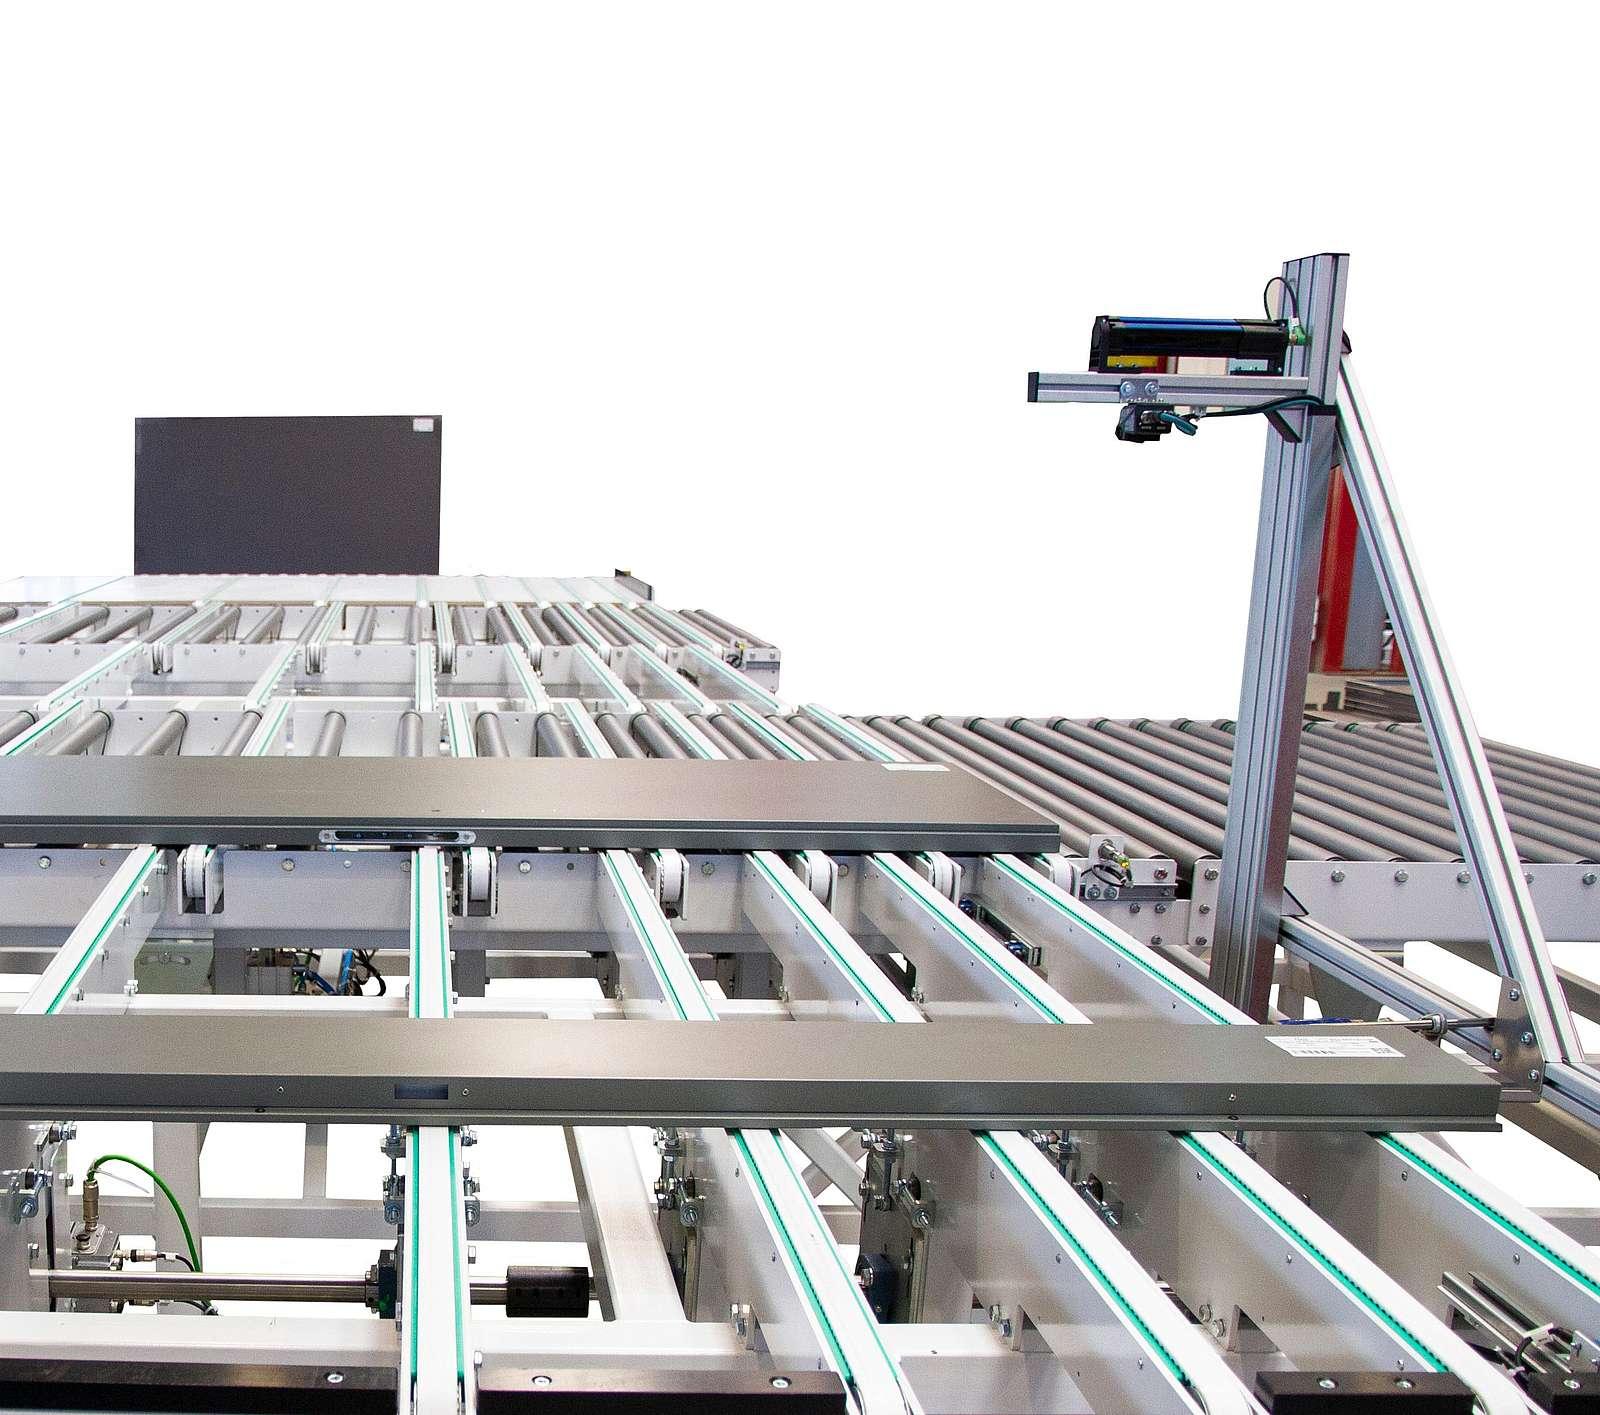 Lage der Platte wird vermessen, sodass der Roboter positionsgenau greifen kann